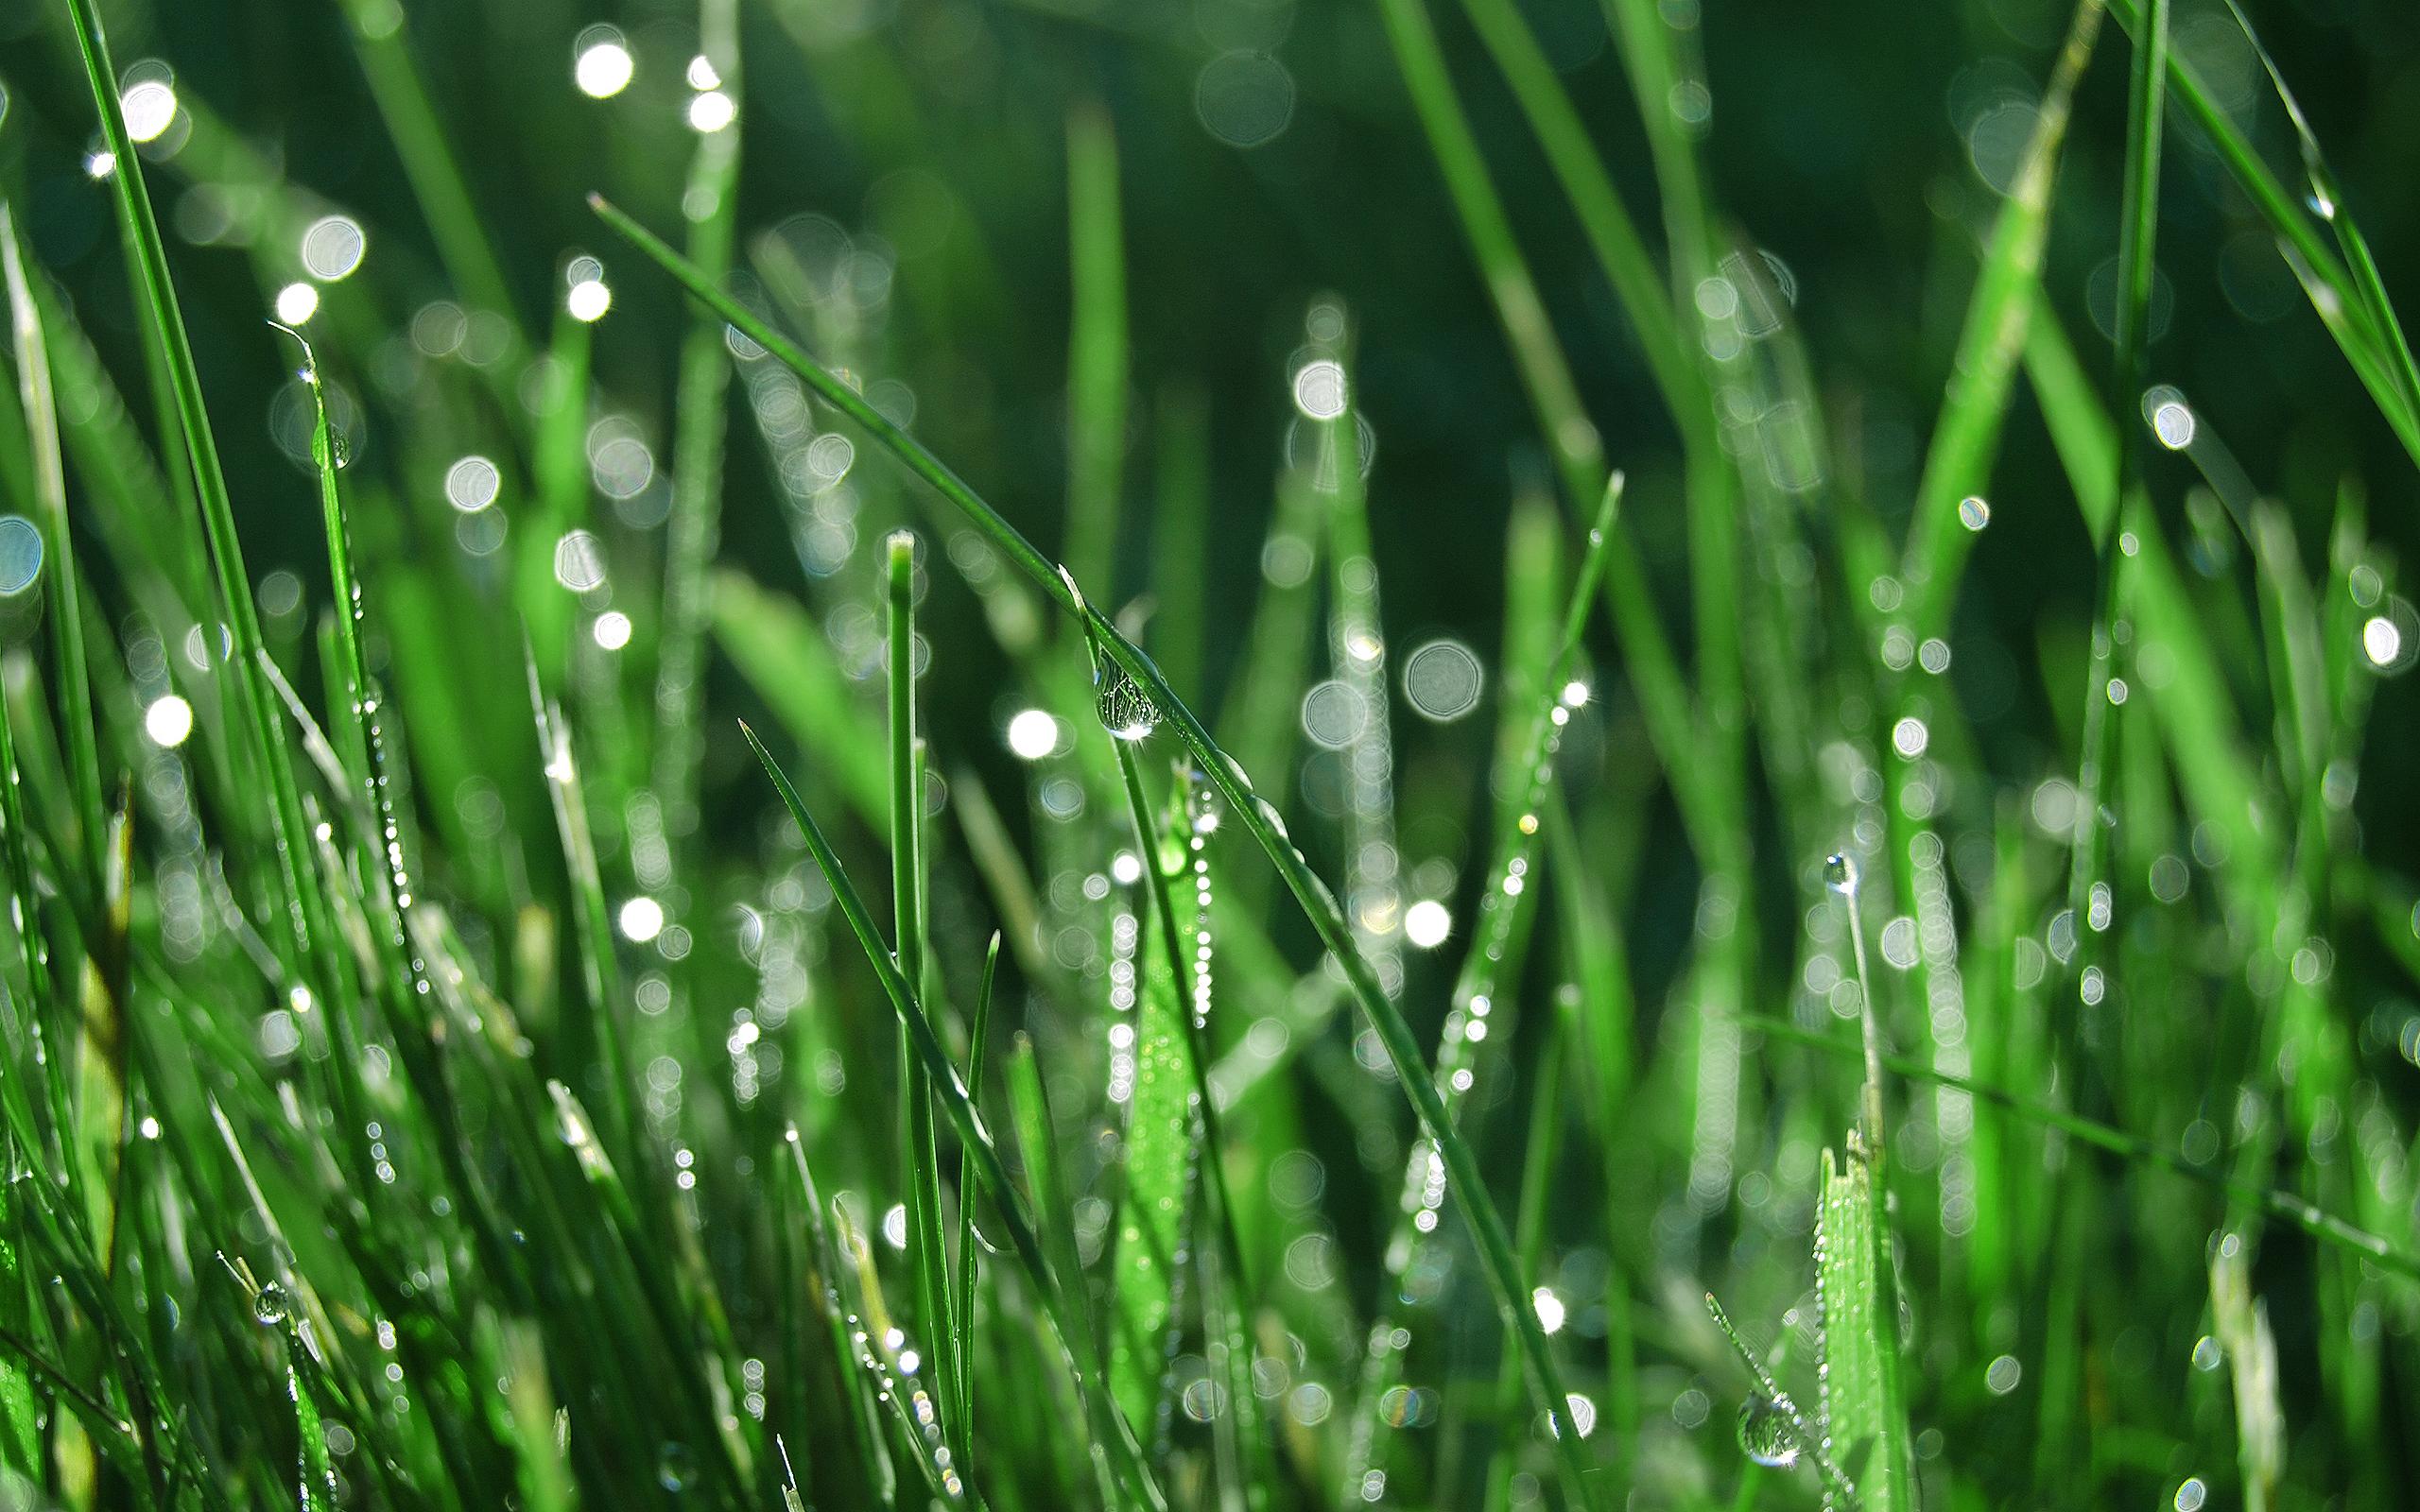 картинки трава с росинкой усадьбы очень